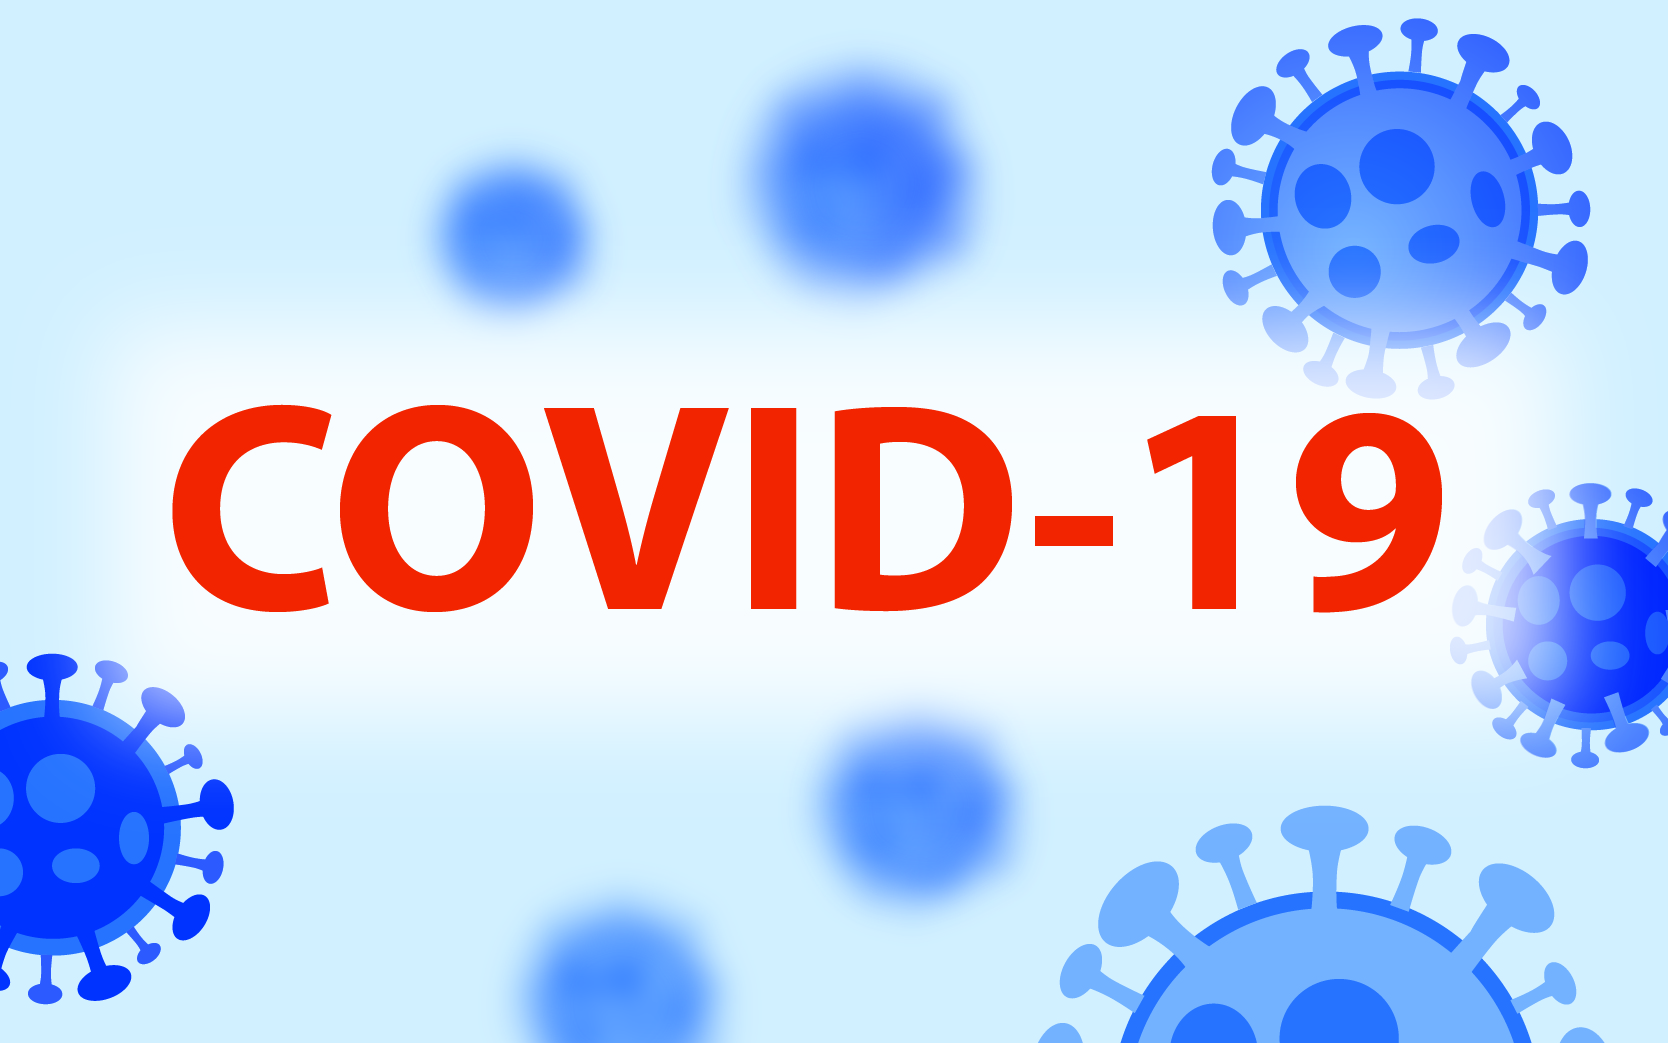 Bilanț COVID-19 pentru 2 octombrie 2021 în București. Un nou val de infectări în Capitală